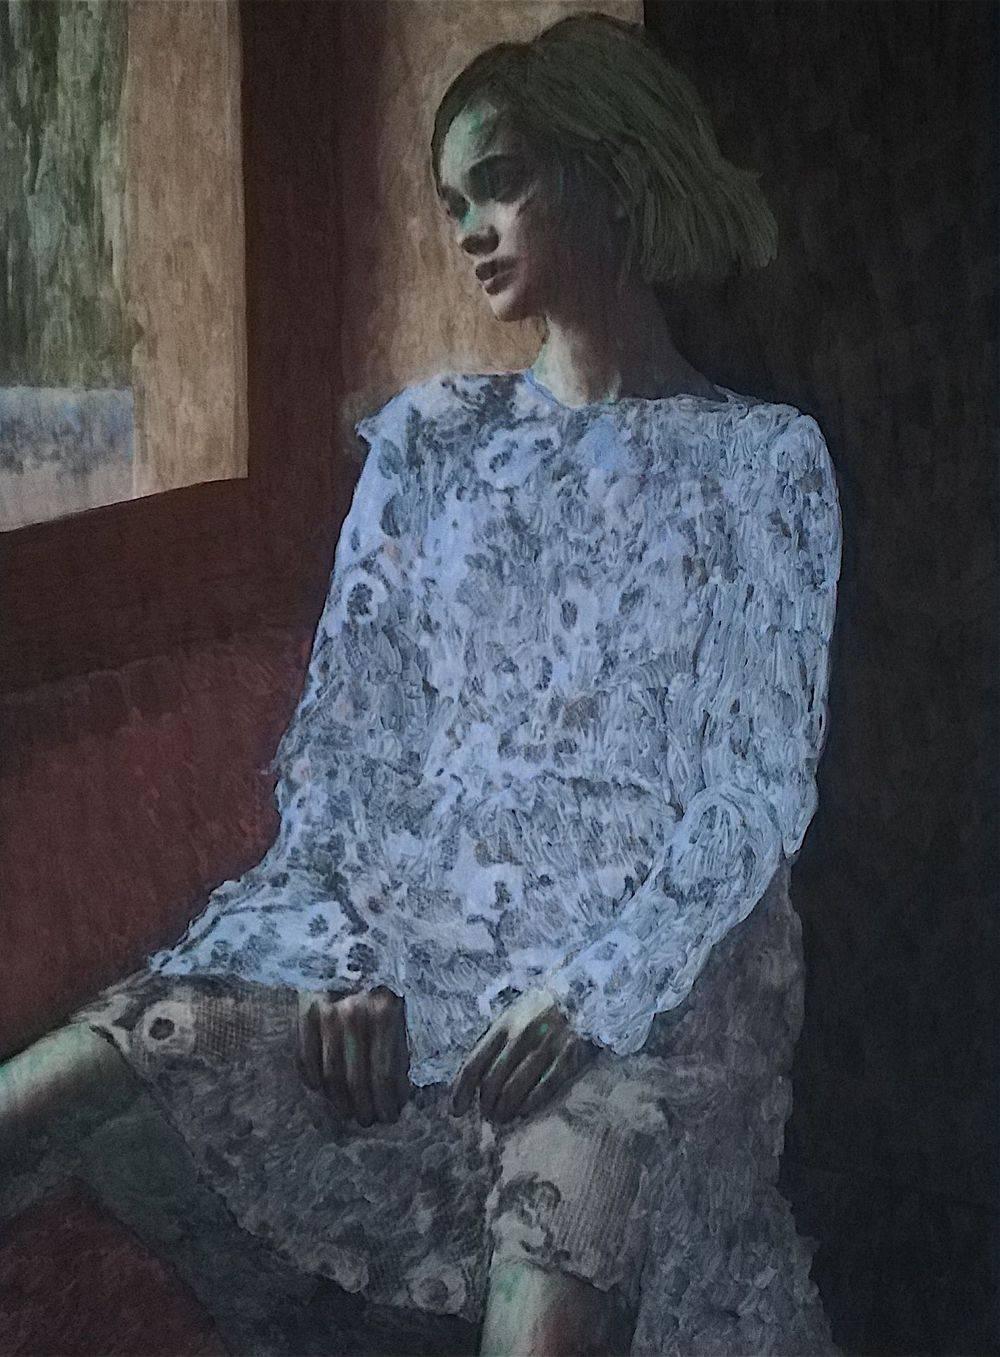 Aquarelle, Femme, Histoire de l'art, Gisants